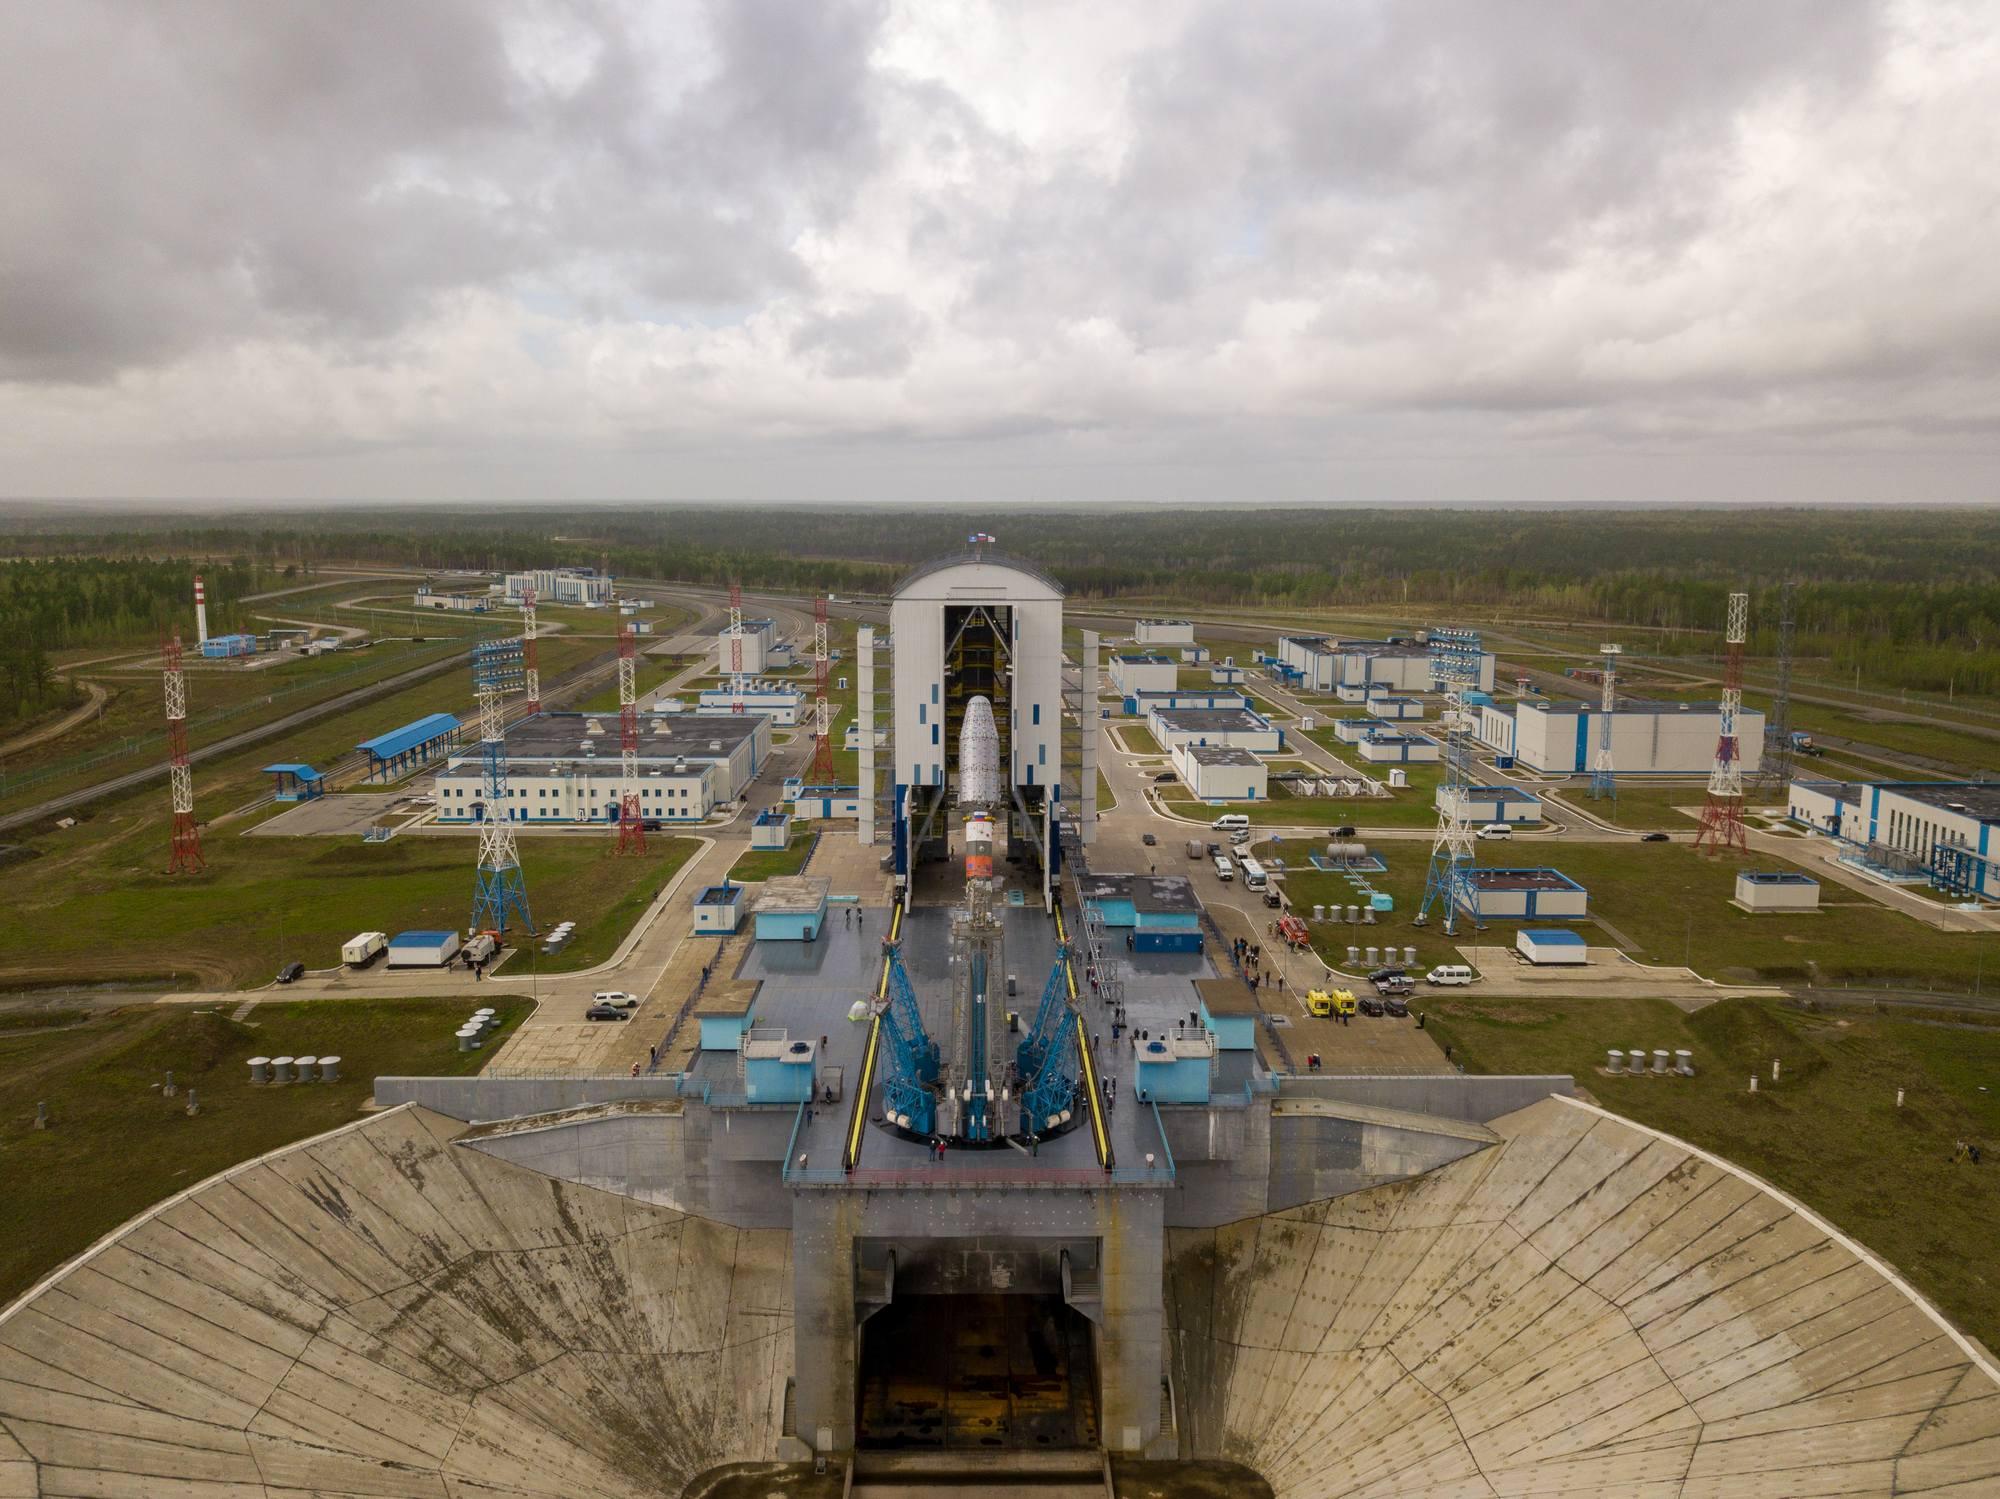 Le lanceur Soyouz 2.1b sur le pas de tir le 24 mai 2021.